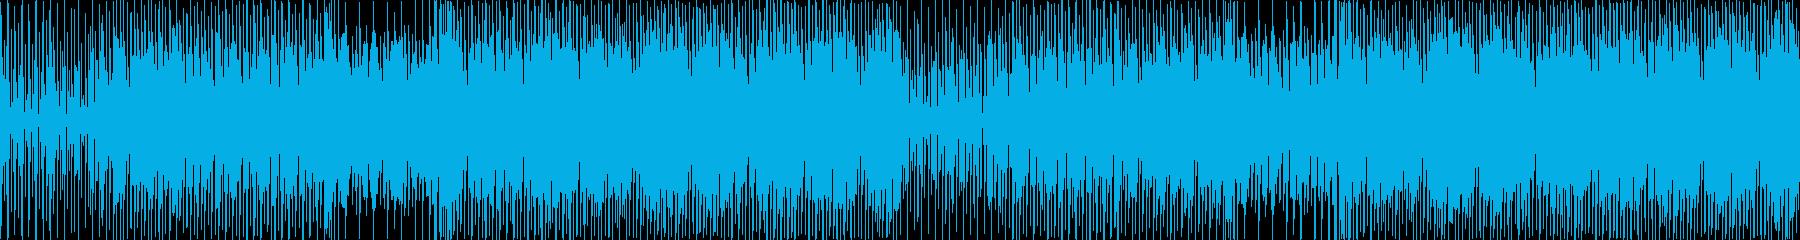 エレクトロハウス。まっすぐ。の再生済みの波形